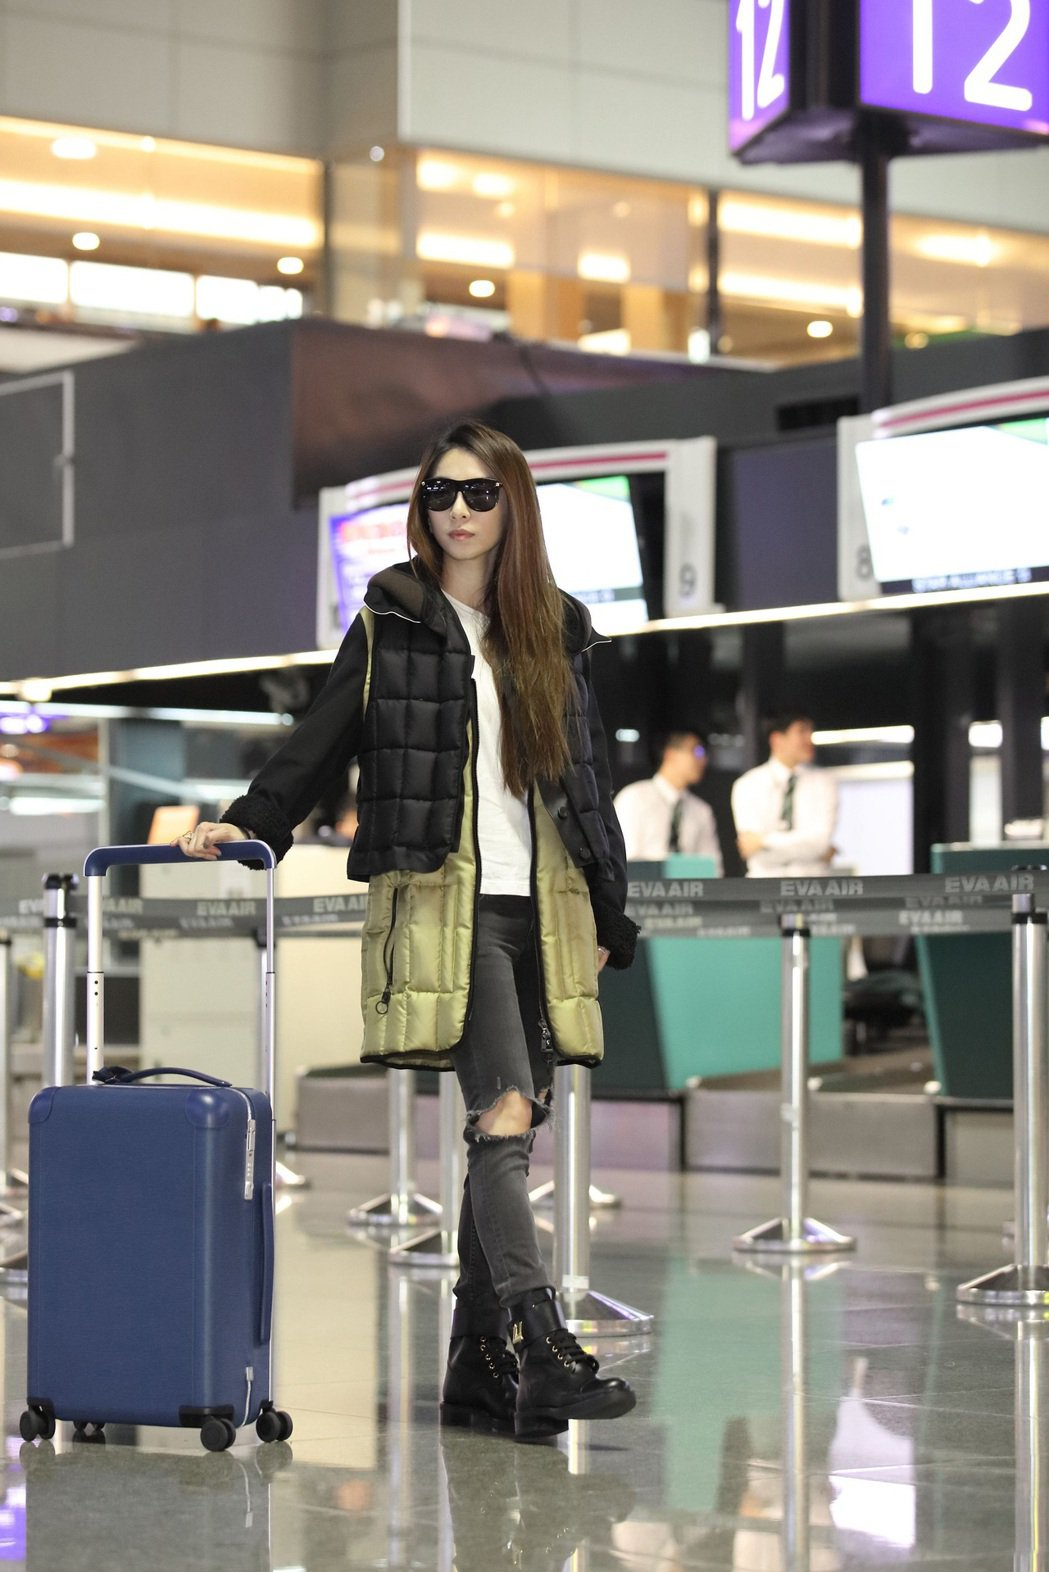 Hebe田馥甄前往巴黎參加路易威登2017秋冬女裝秀。圖/路易威登提供